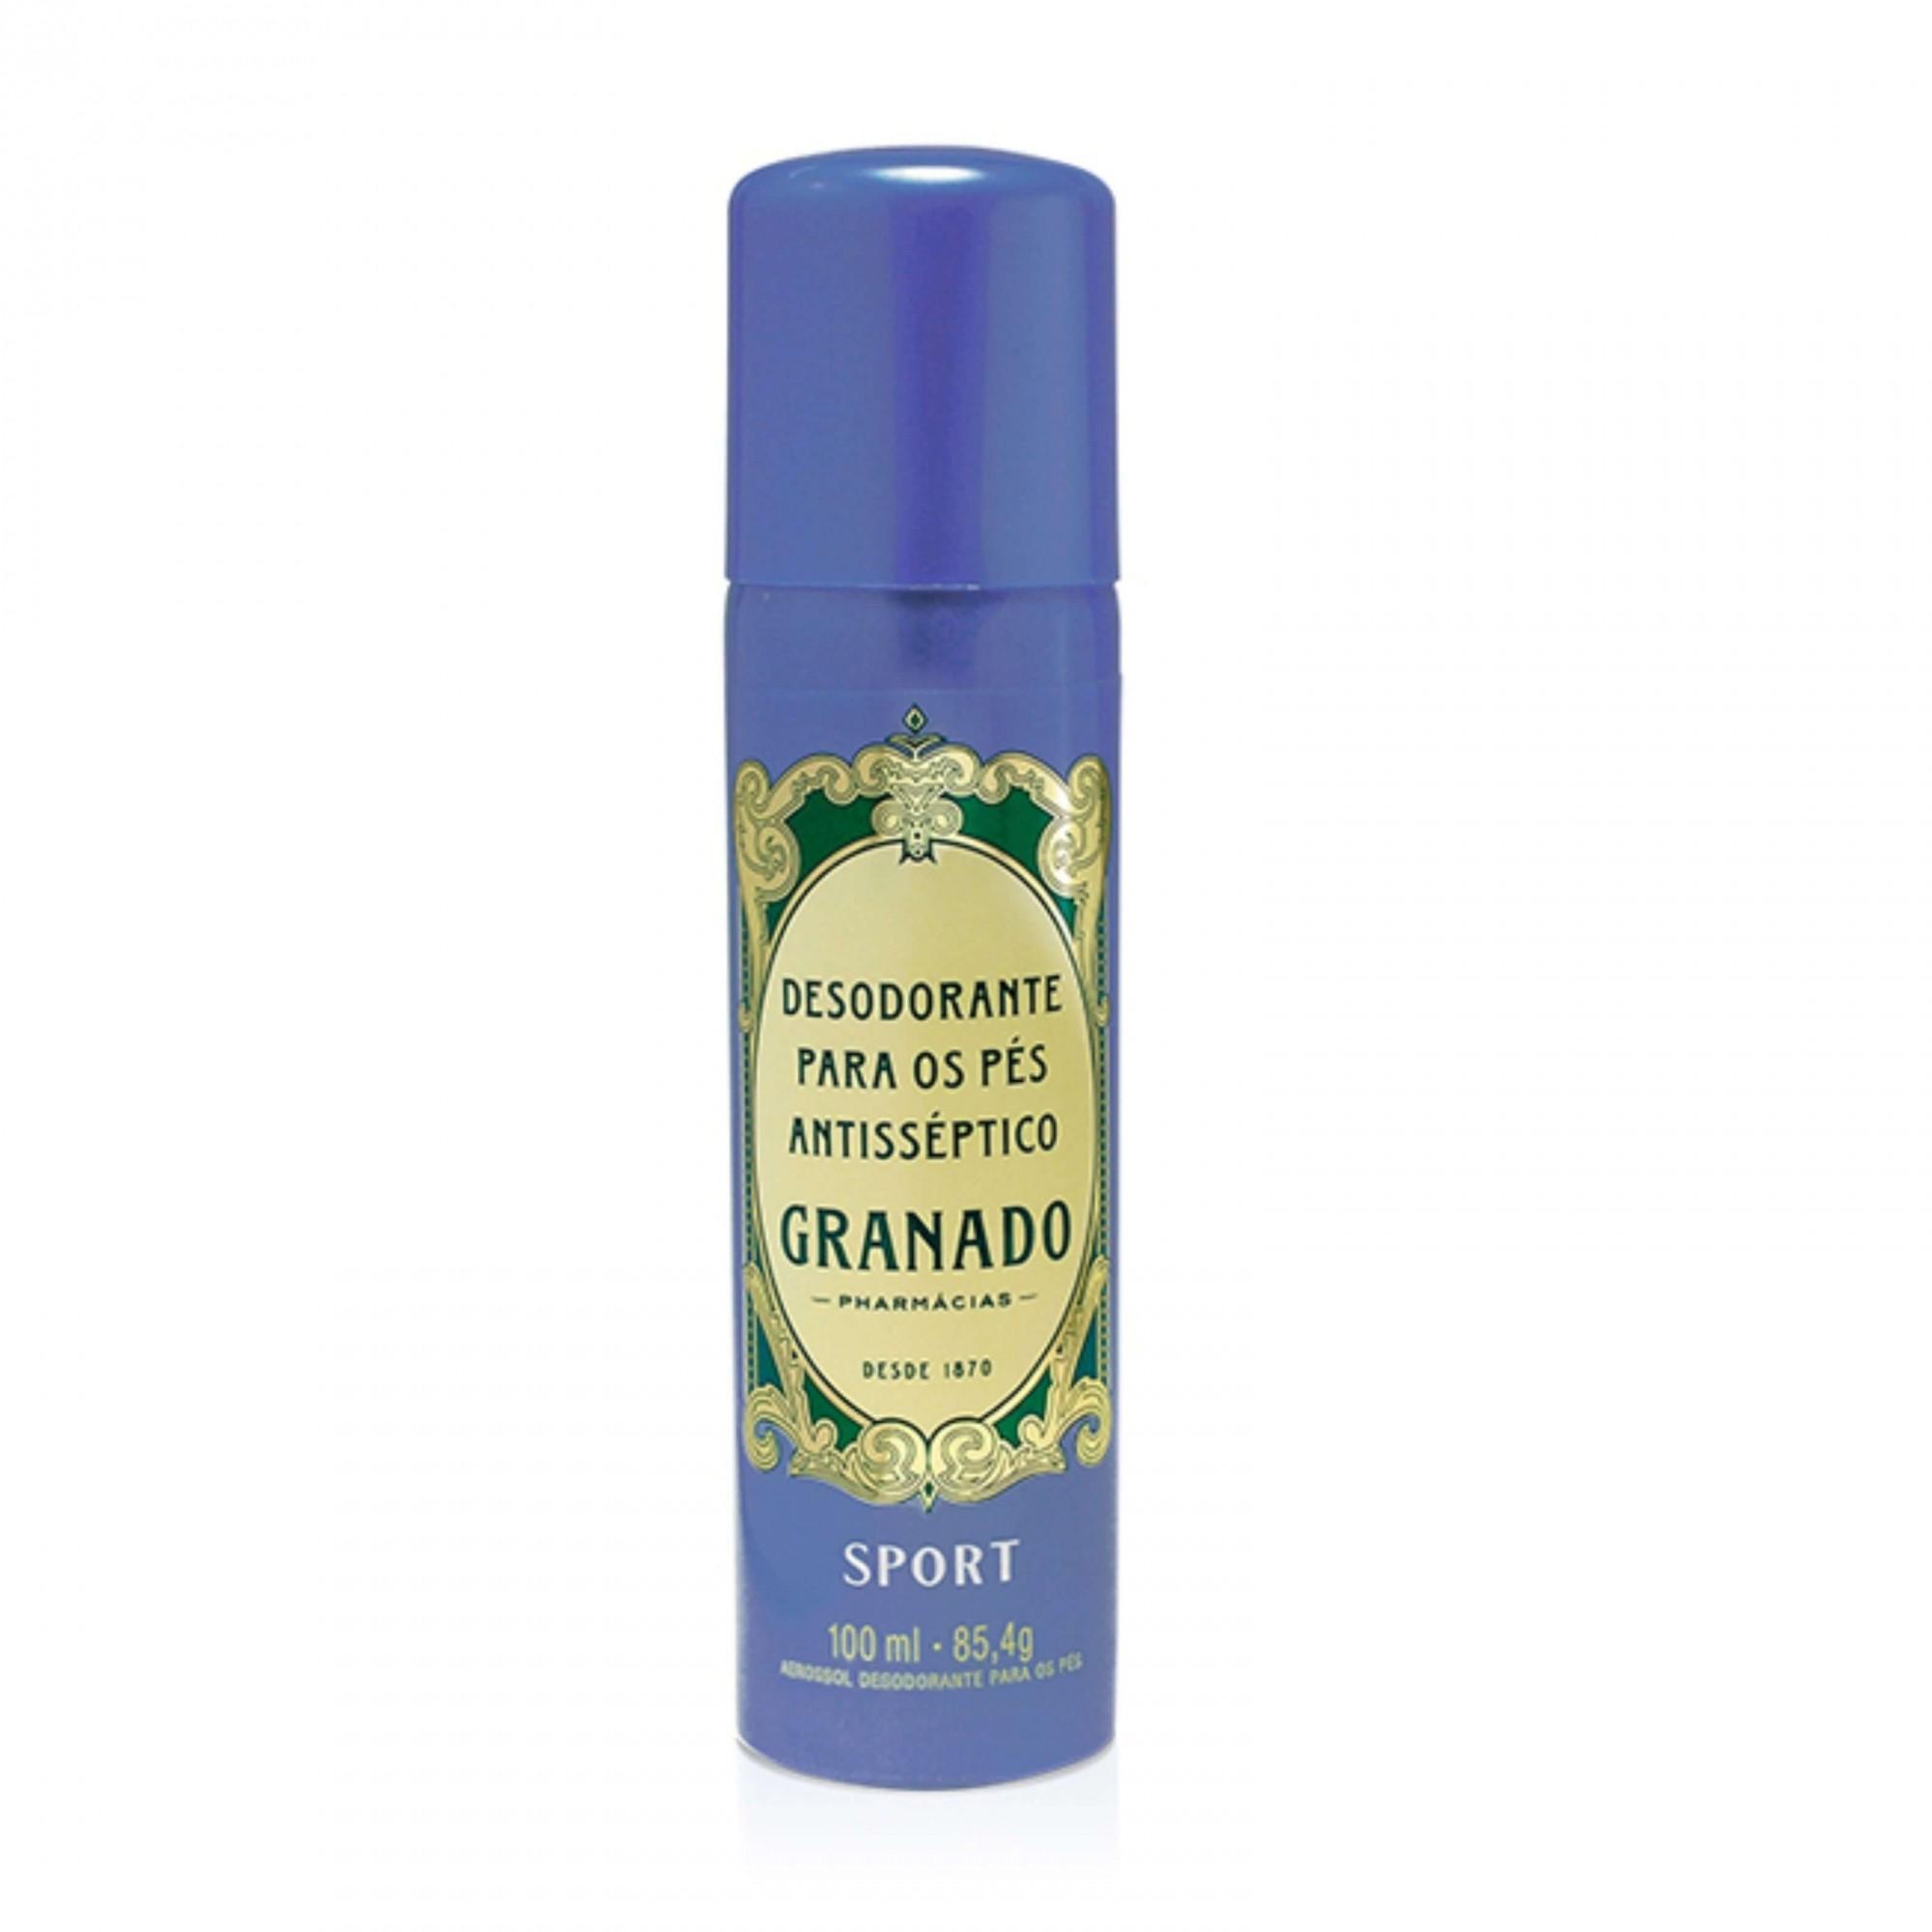 Desodorante Para Pés Antisséptico Sport Granado 100 ml